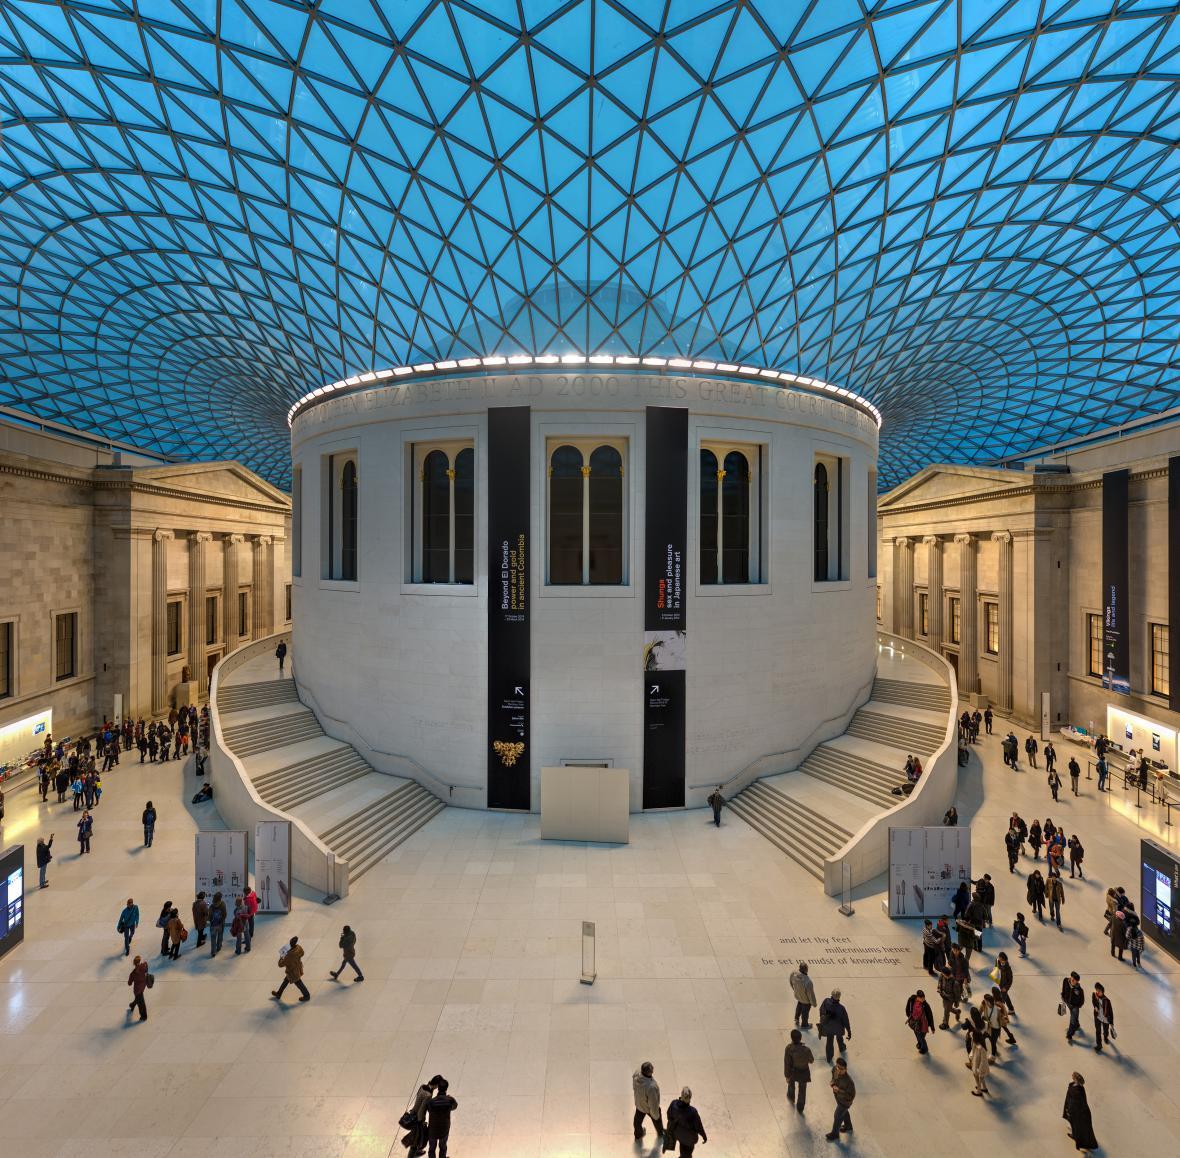 موزه بریتانیا لندن (انگلستان)